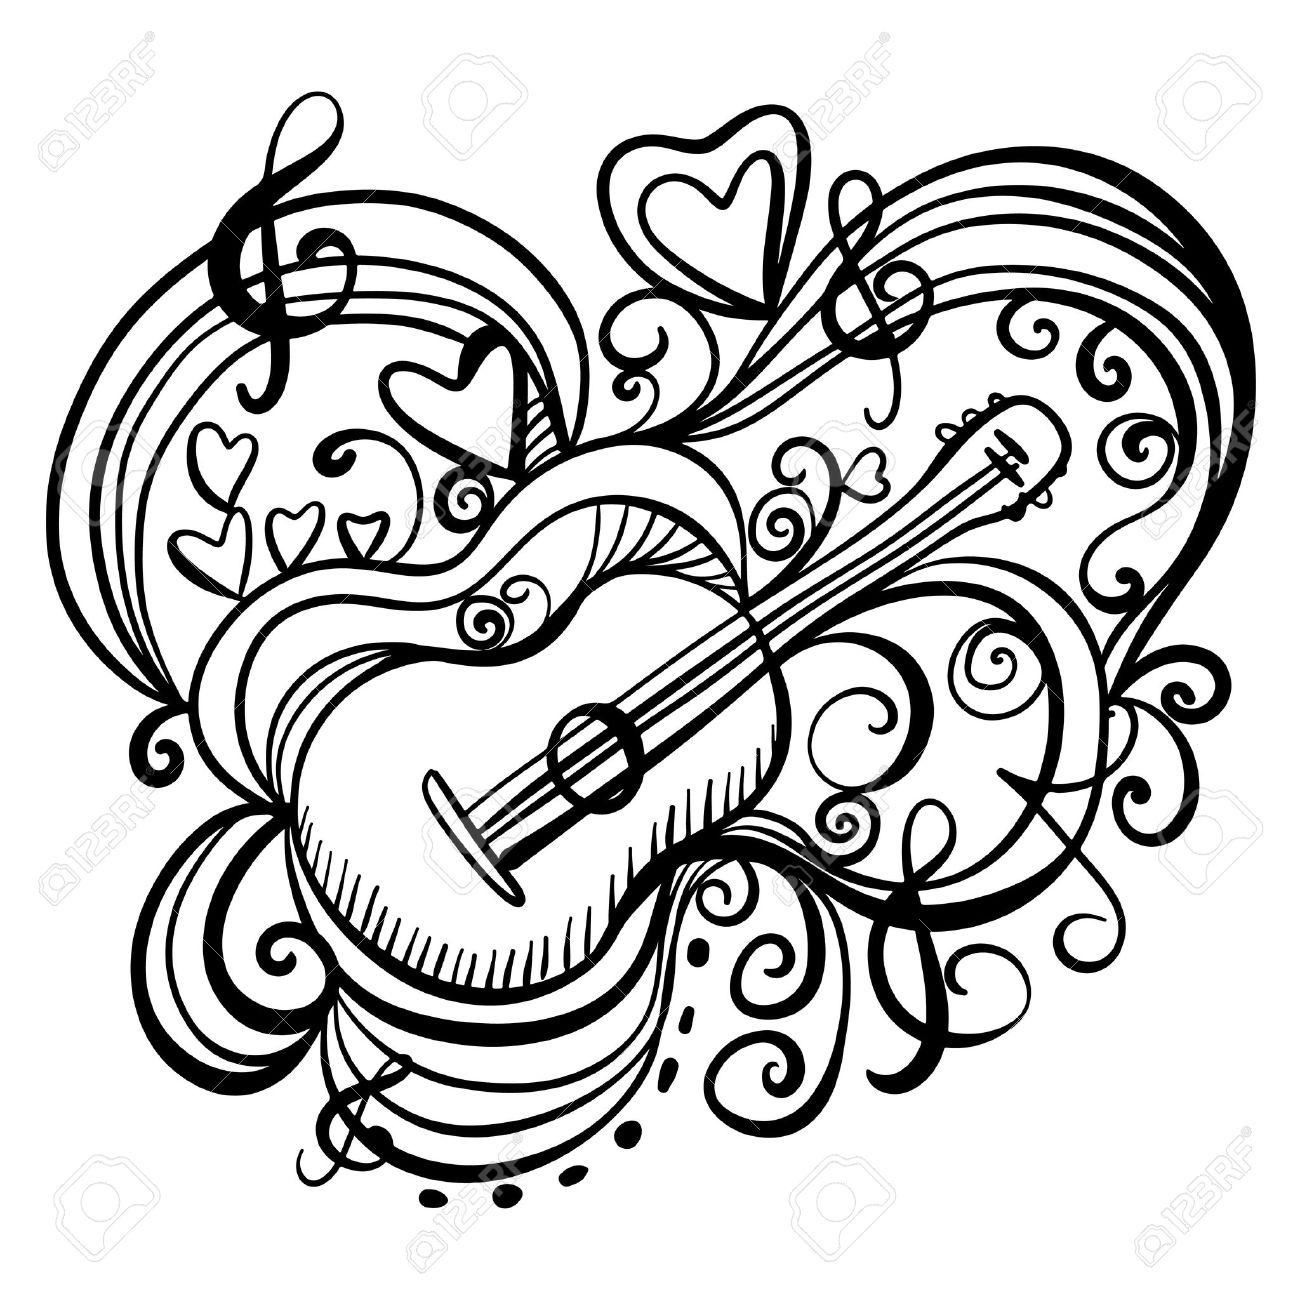 Icono De La Música Abstracta Con La Guitarra Corazones Notas Musicales Clave De Sol Líneas Negras A Mano Ilustración Dibujo Doodle De La